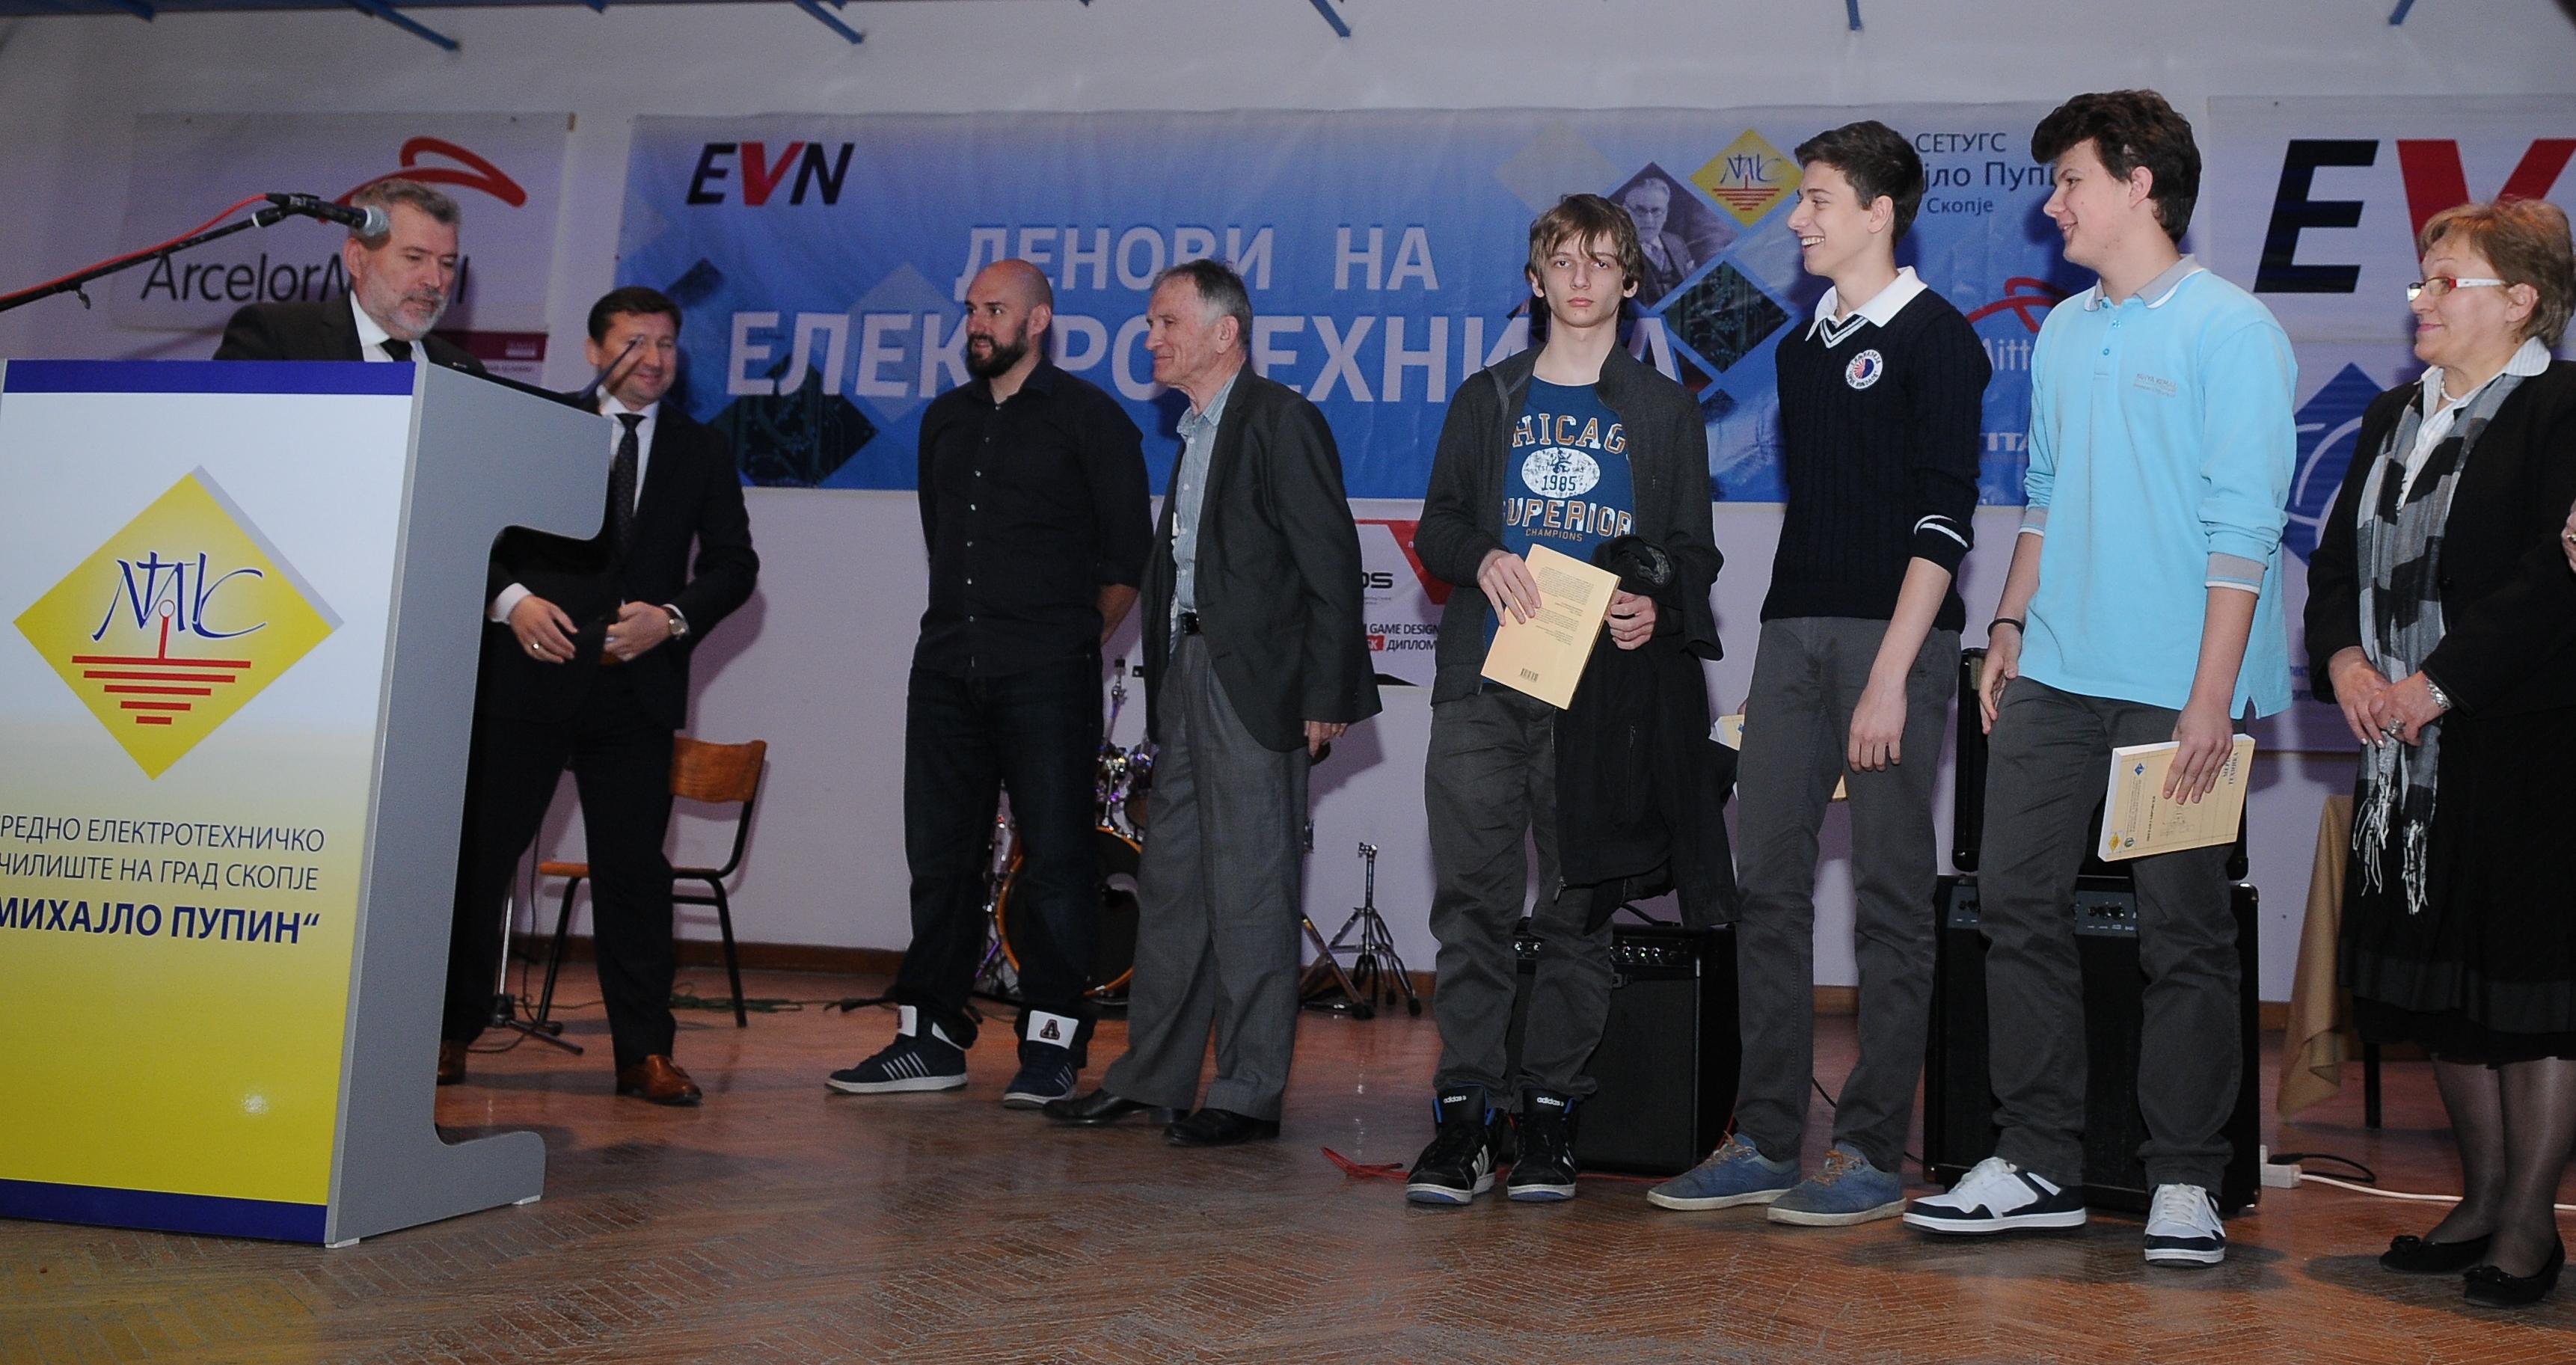 Практикантска работа за средношколци во ЕВН Македонија